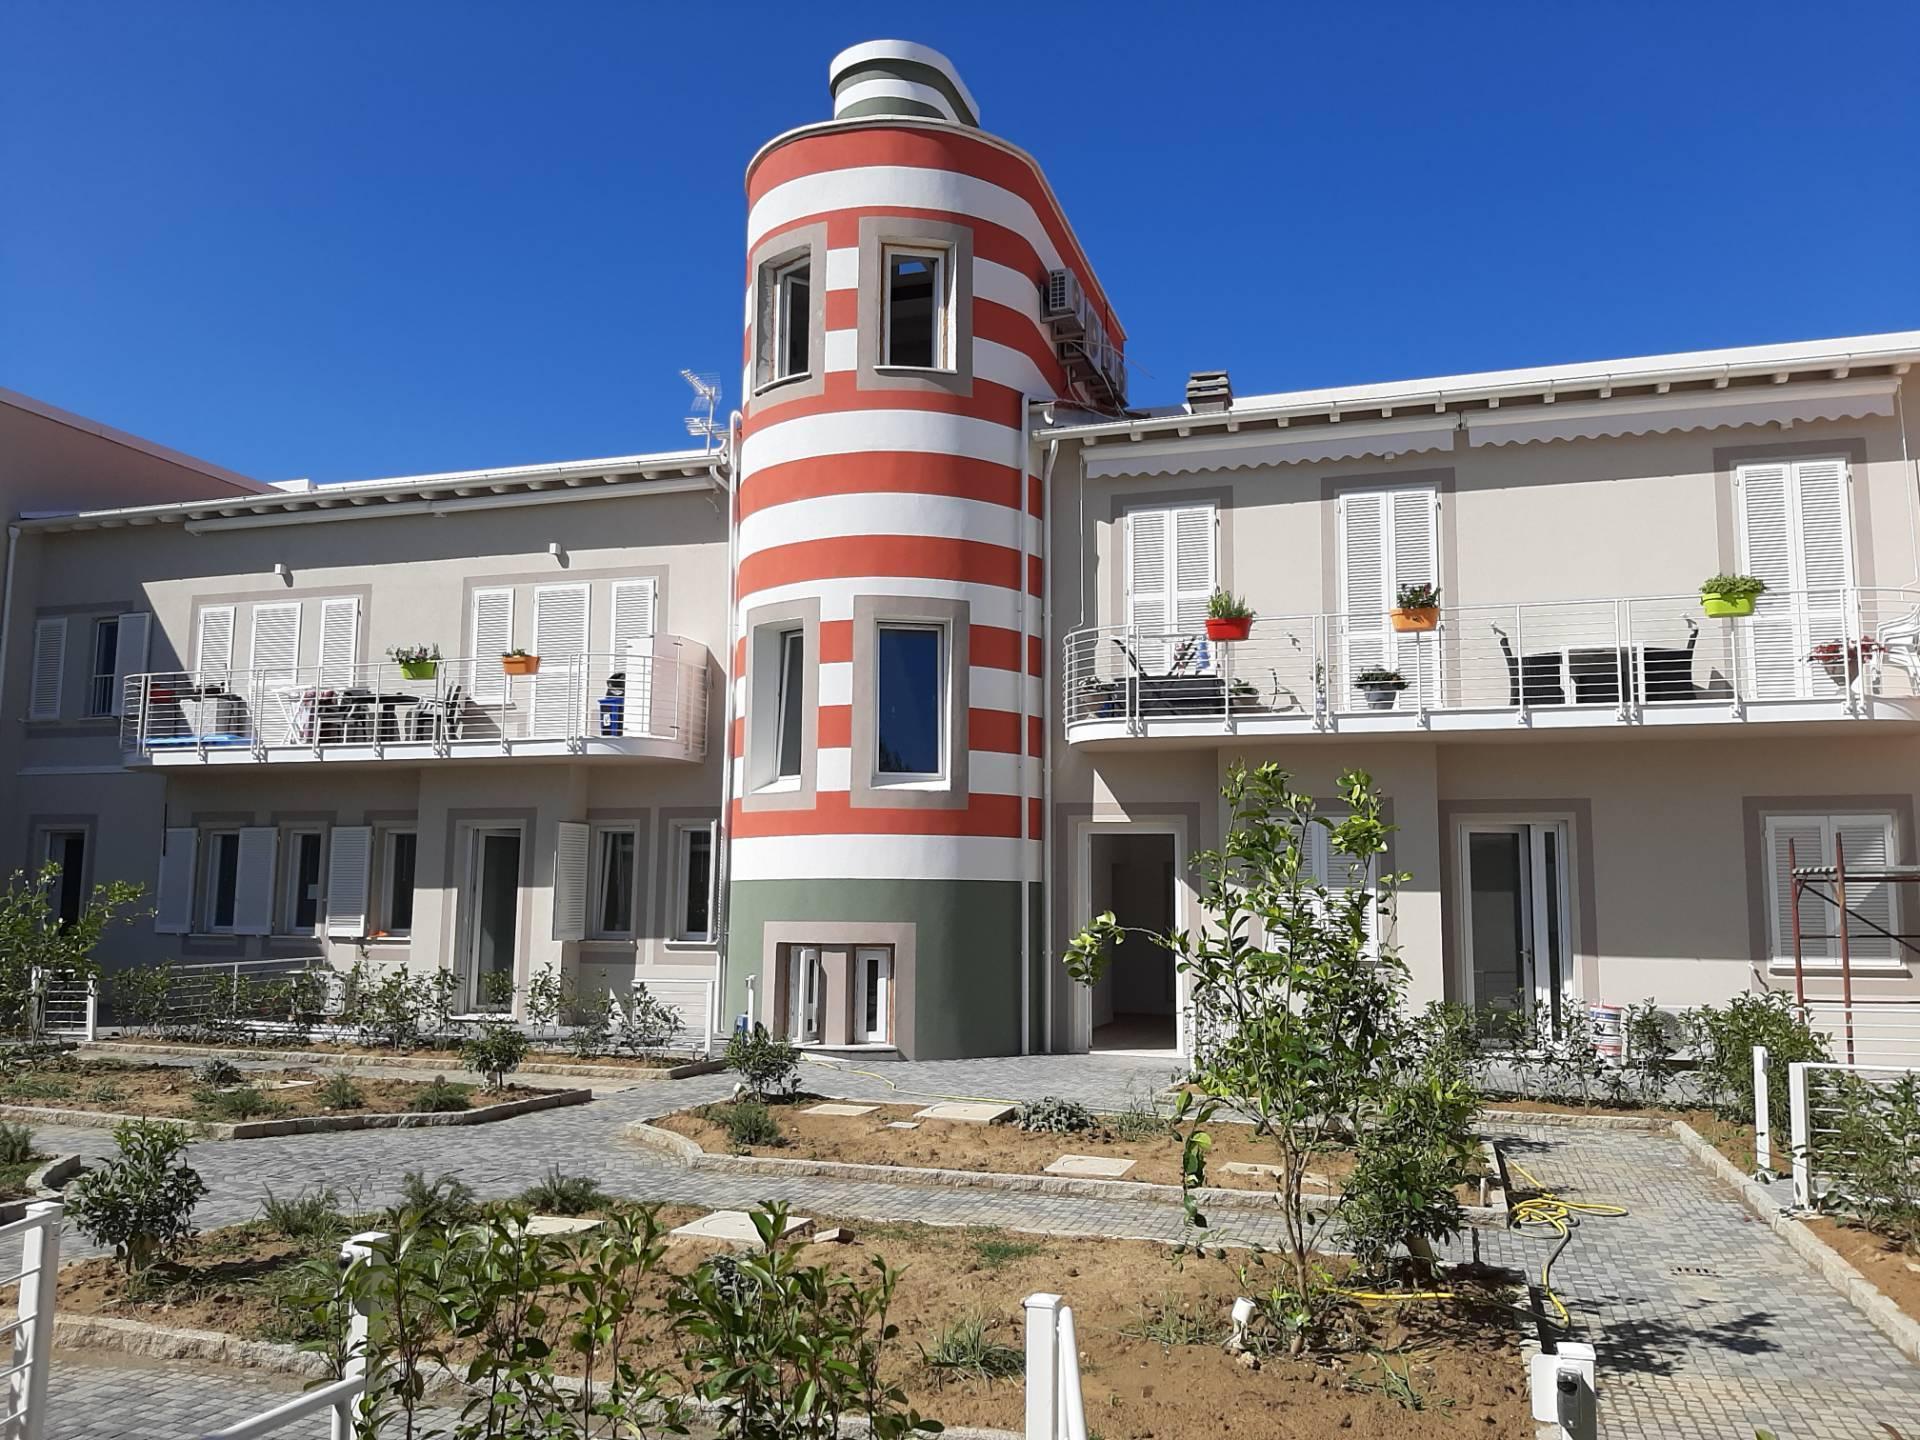 Agenzia immobiliare San Giuliano Terme